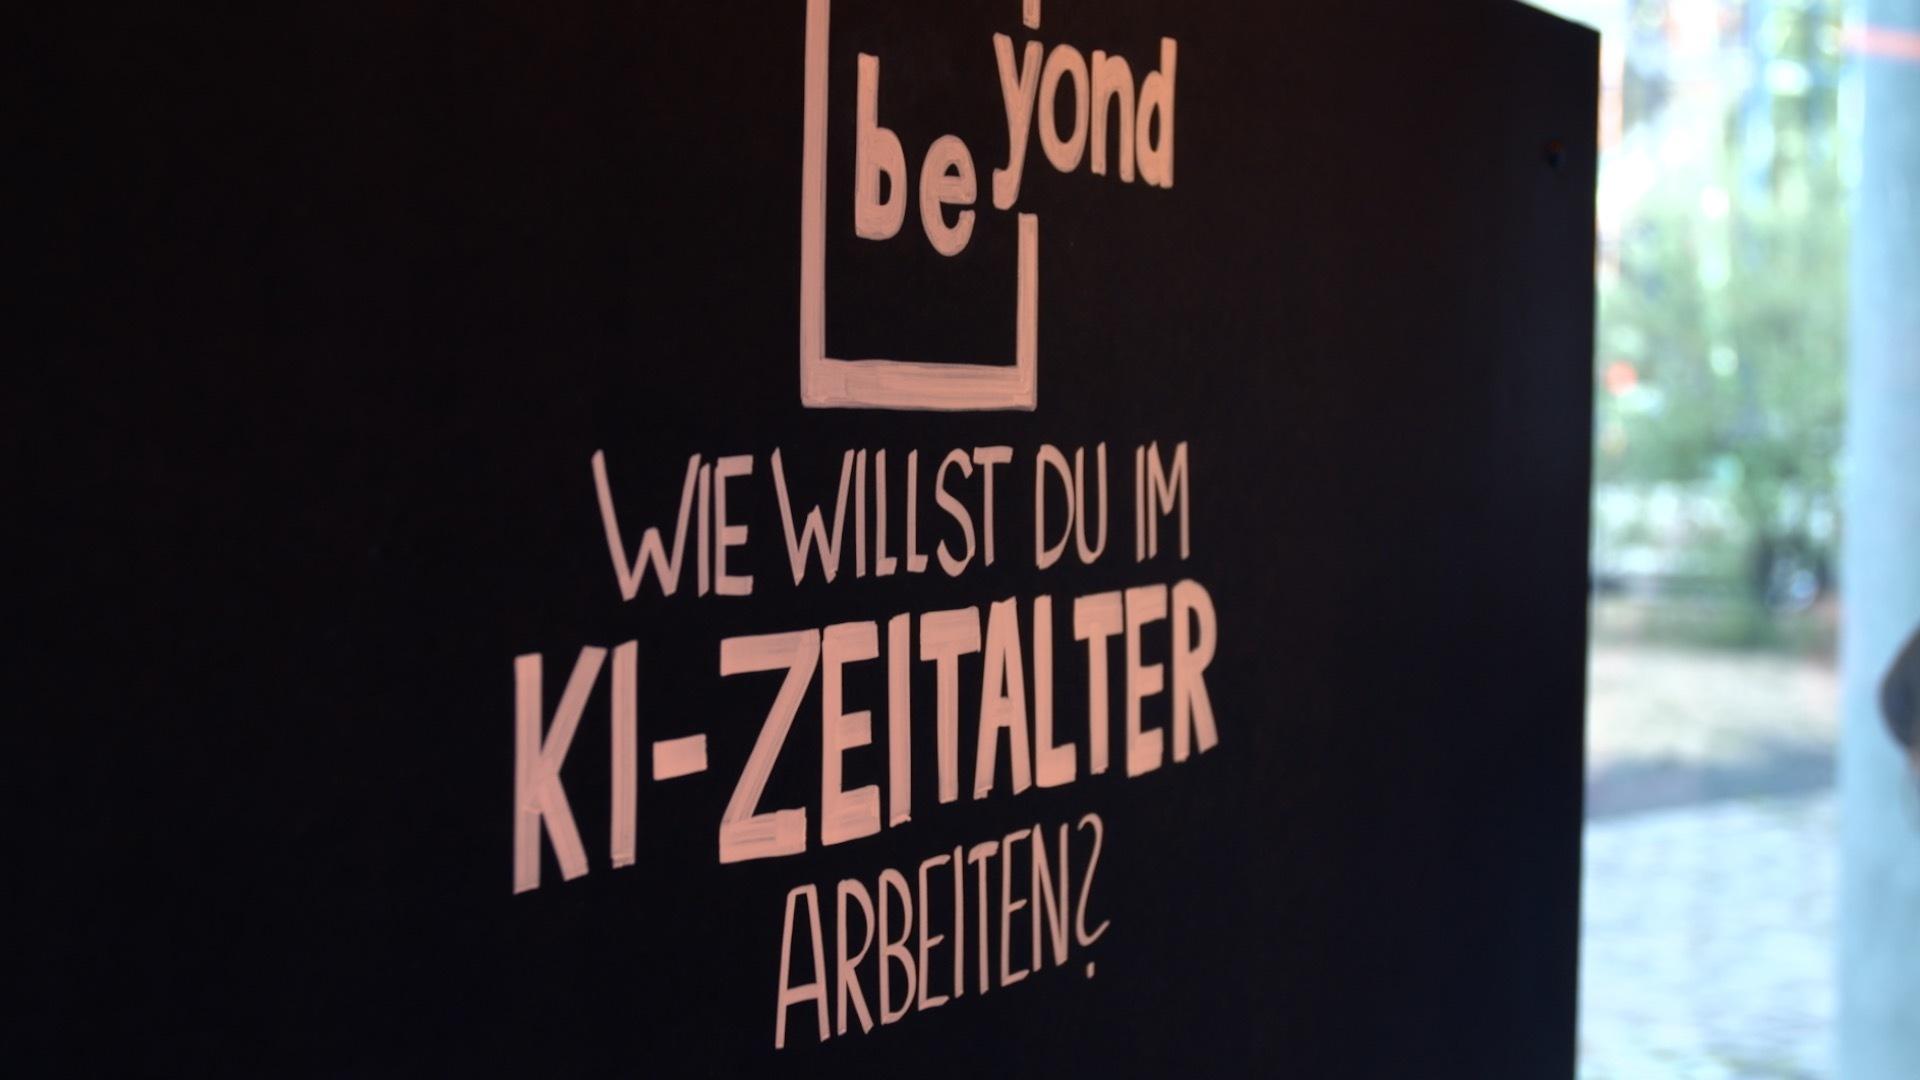 Audi beyond: Keine Angst vor Kollege KI